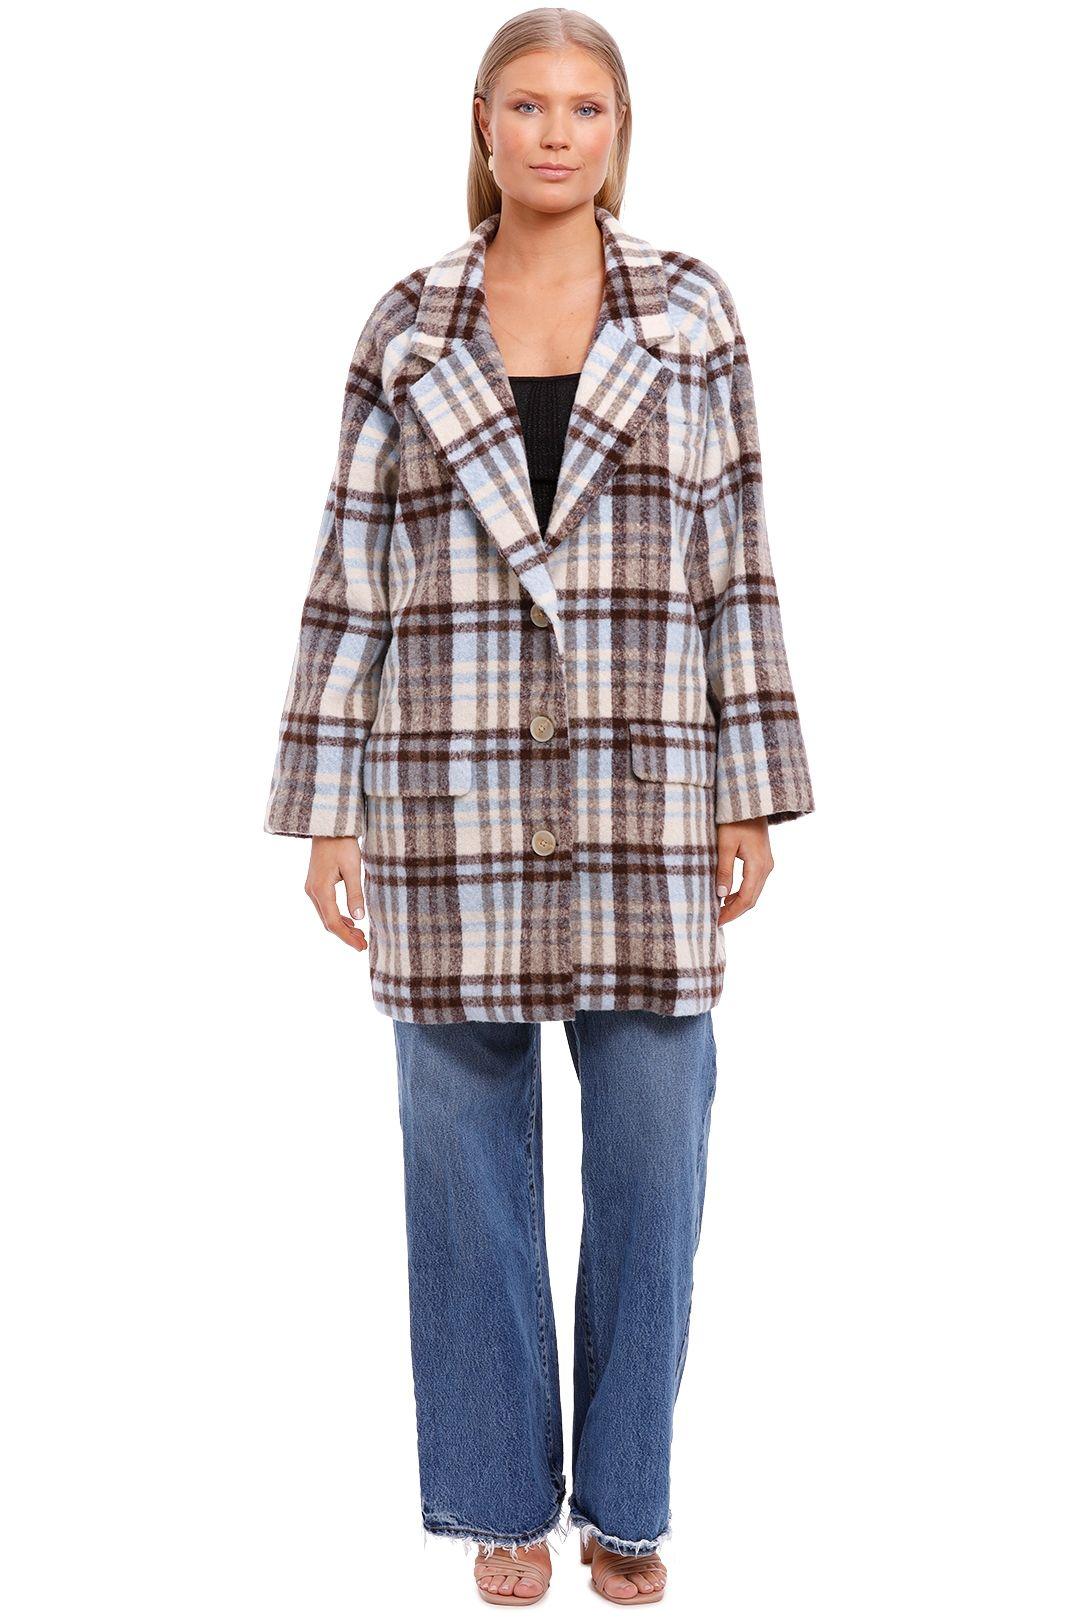 Bande Studio Chloe Check Coat Pale Blue Check Long Sleeve